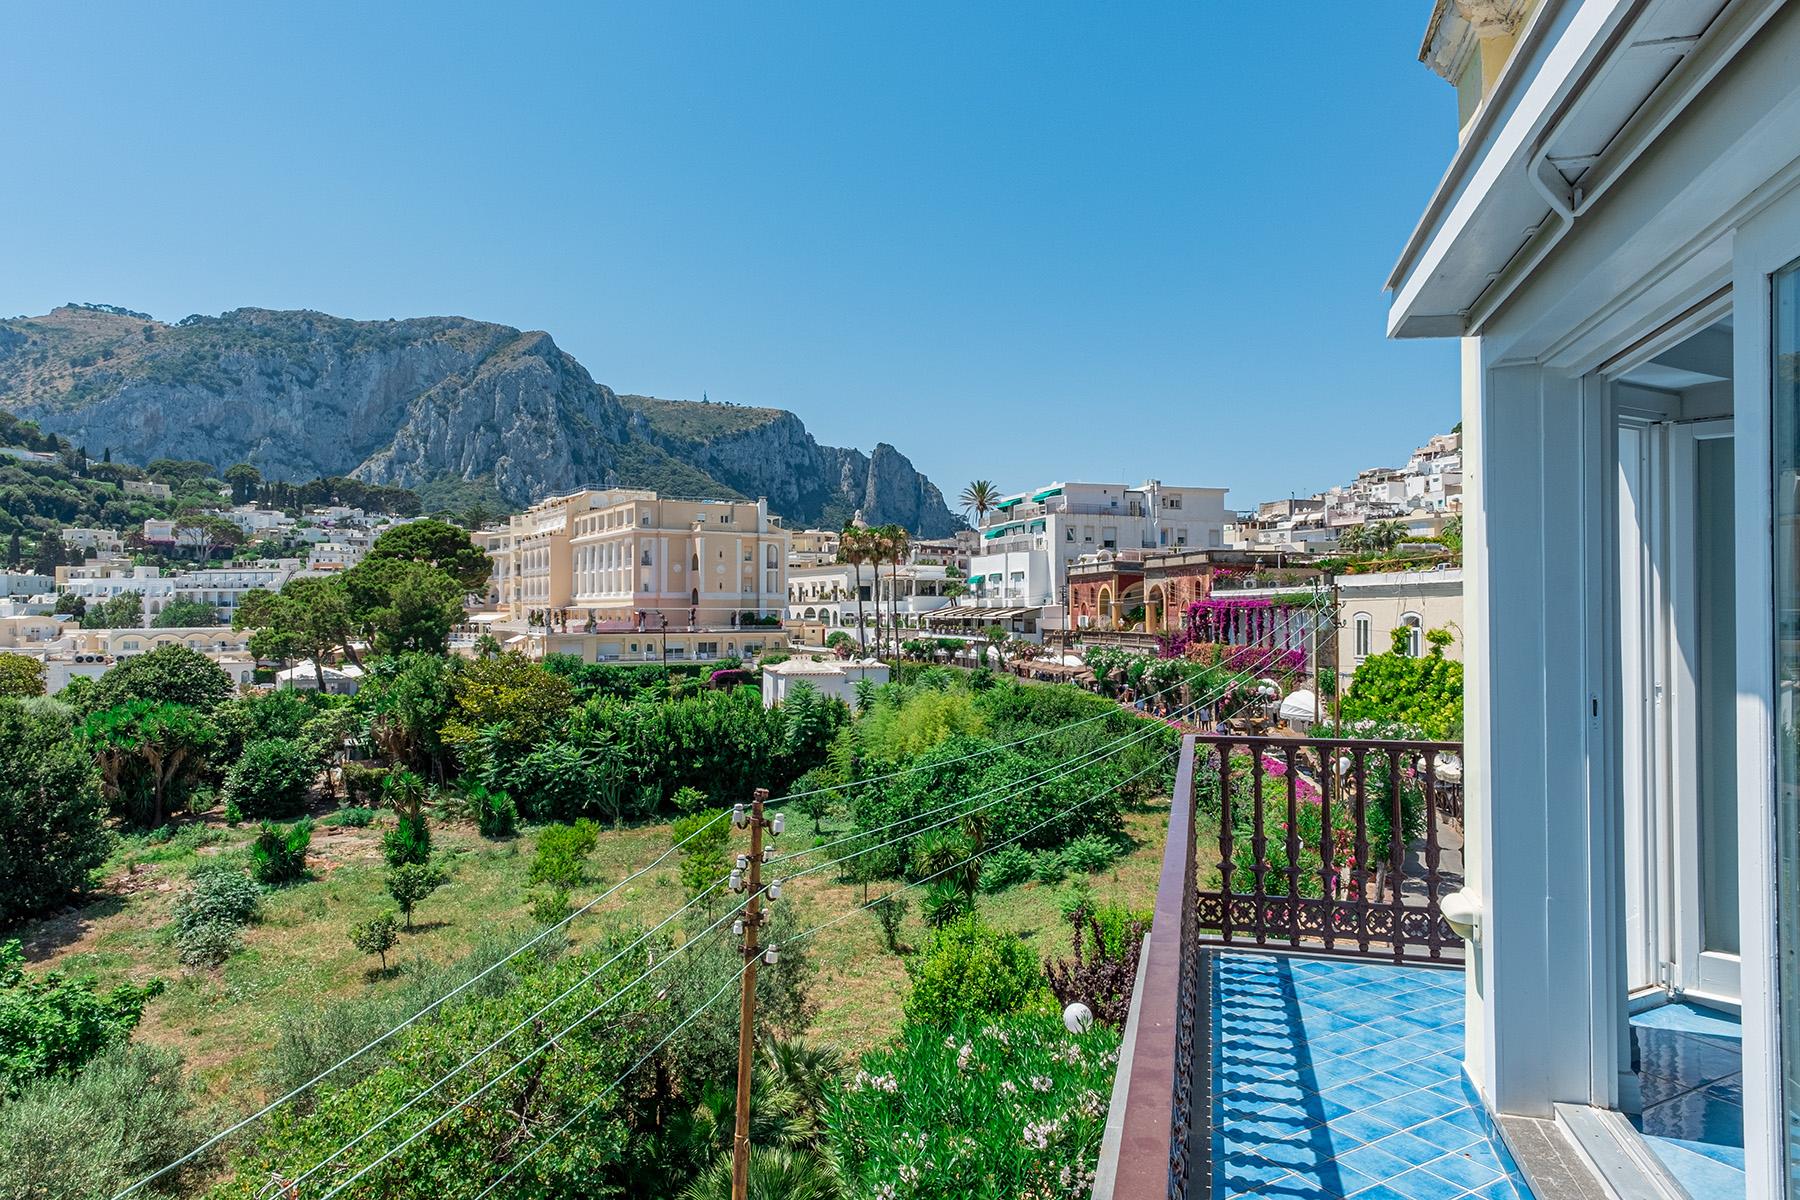 Attico in Vendita a Capri: 5 locali, 160 mq - Foto 19